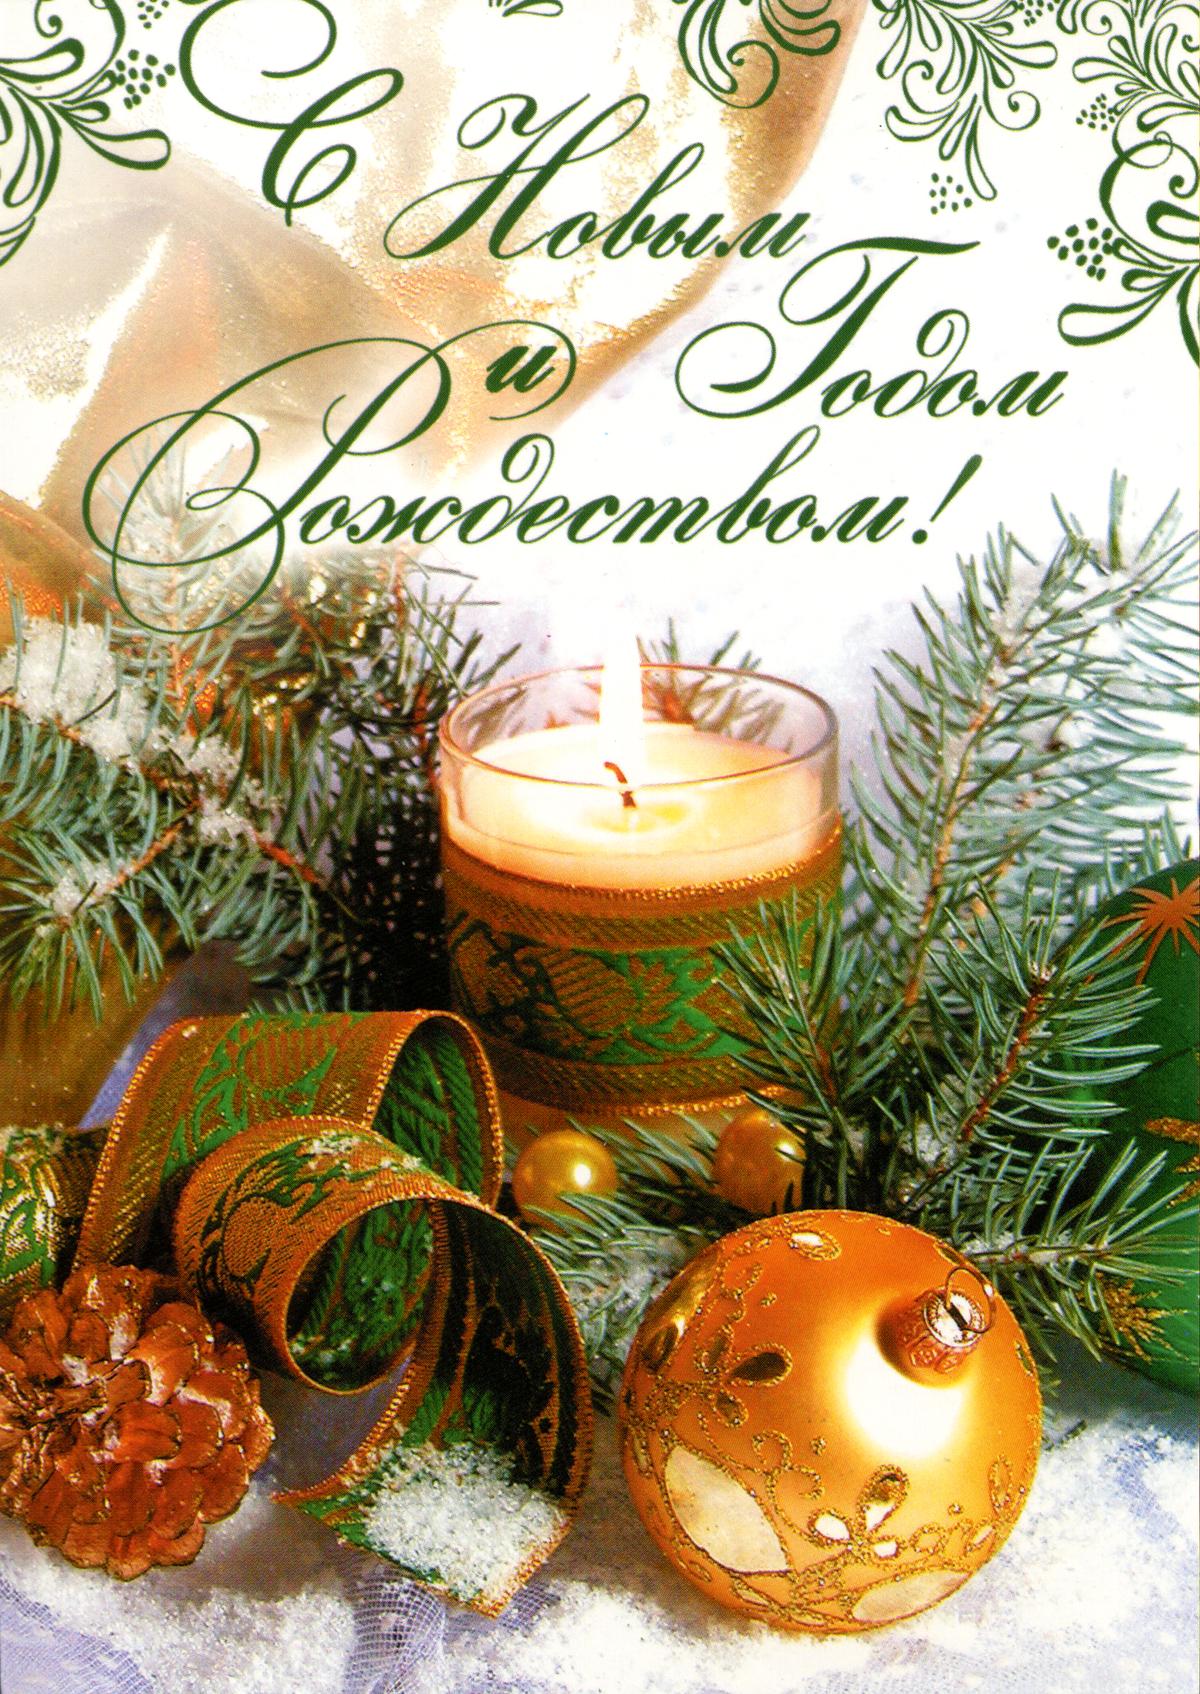 картинки с наступающими праздниками рождеством и новым годом кто выращивал томаты